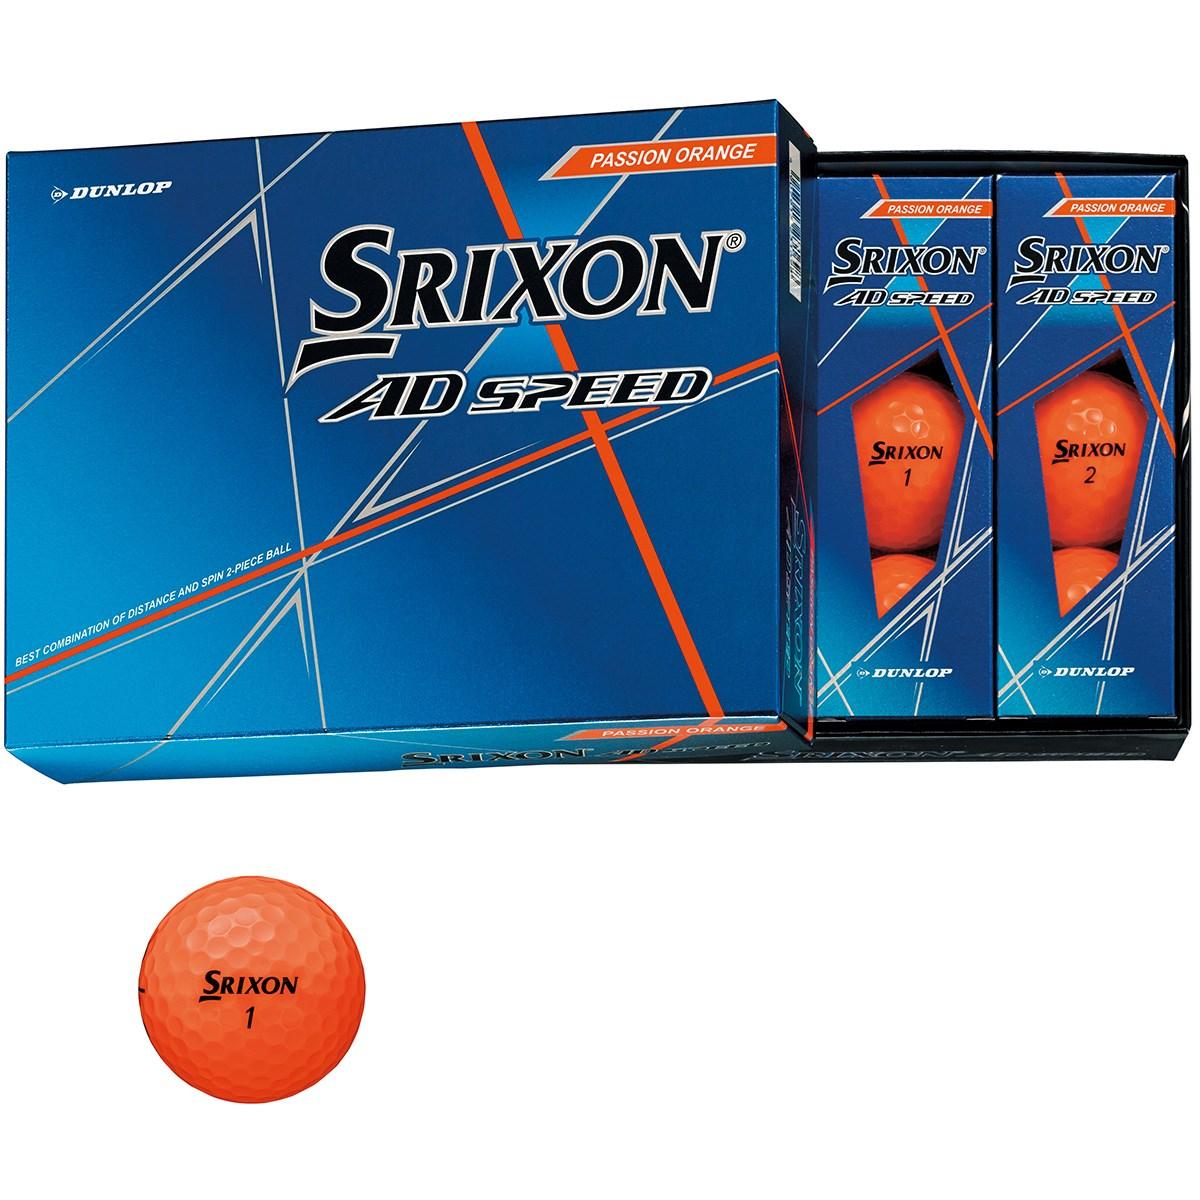 ダンロップ SRIXON スリクソン AD SPEED ボール 3ダースセット 3ダース(36個入り) パッションオレンジ